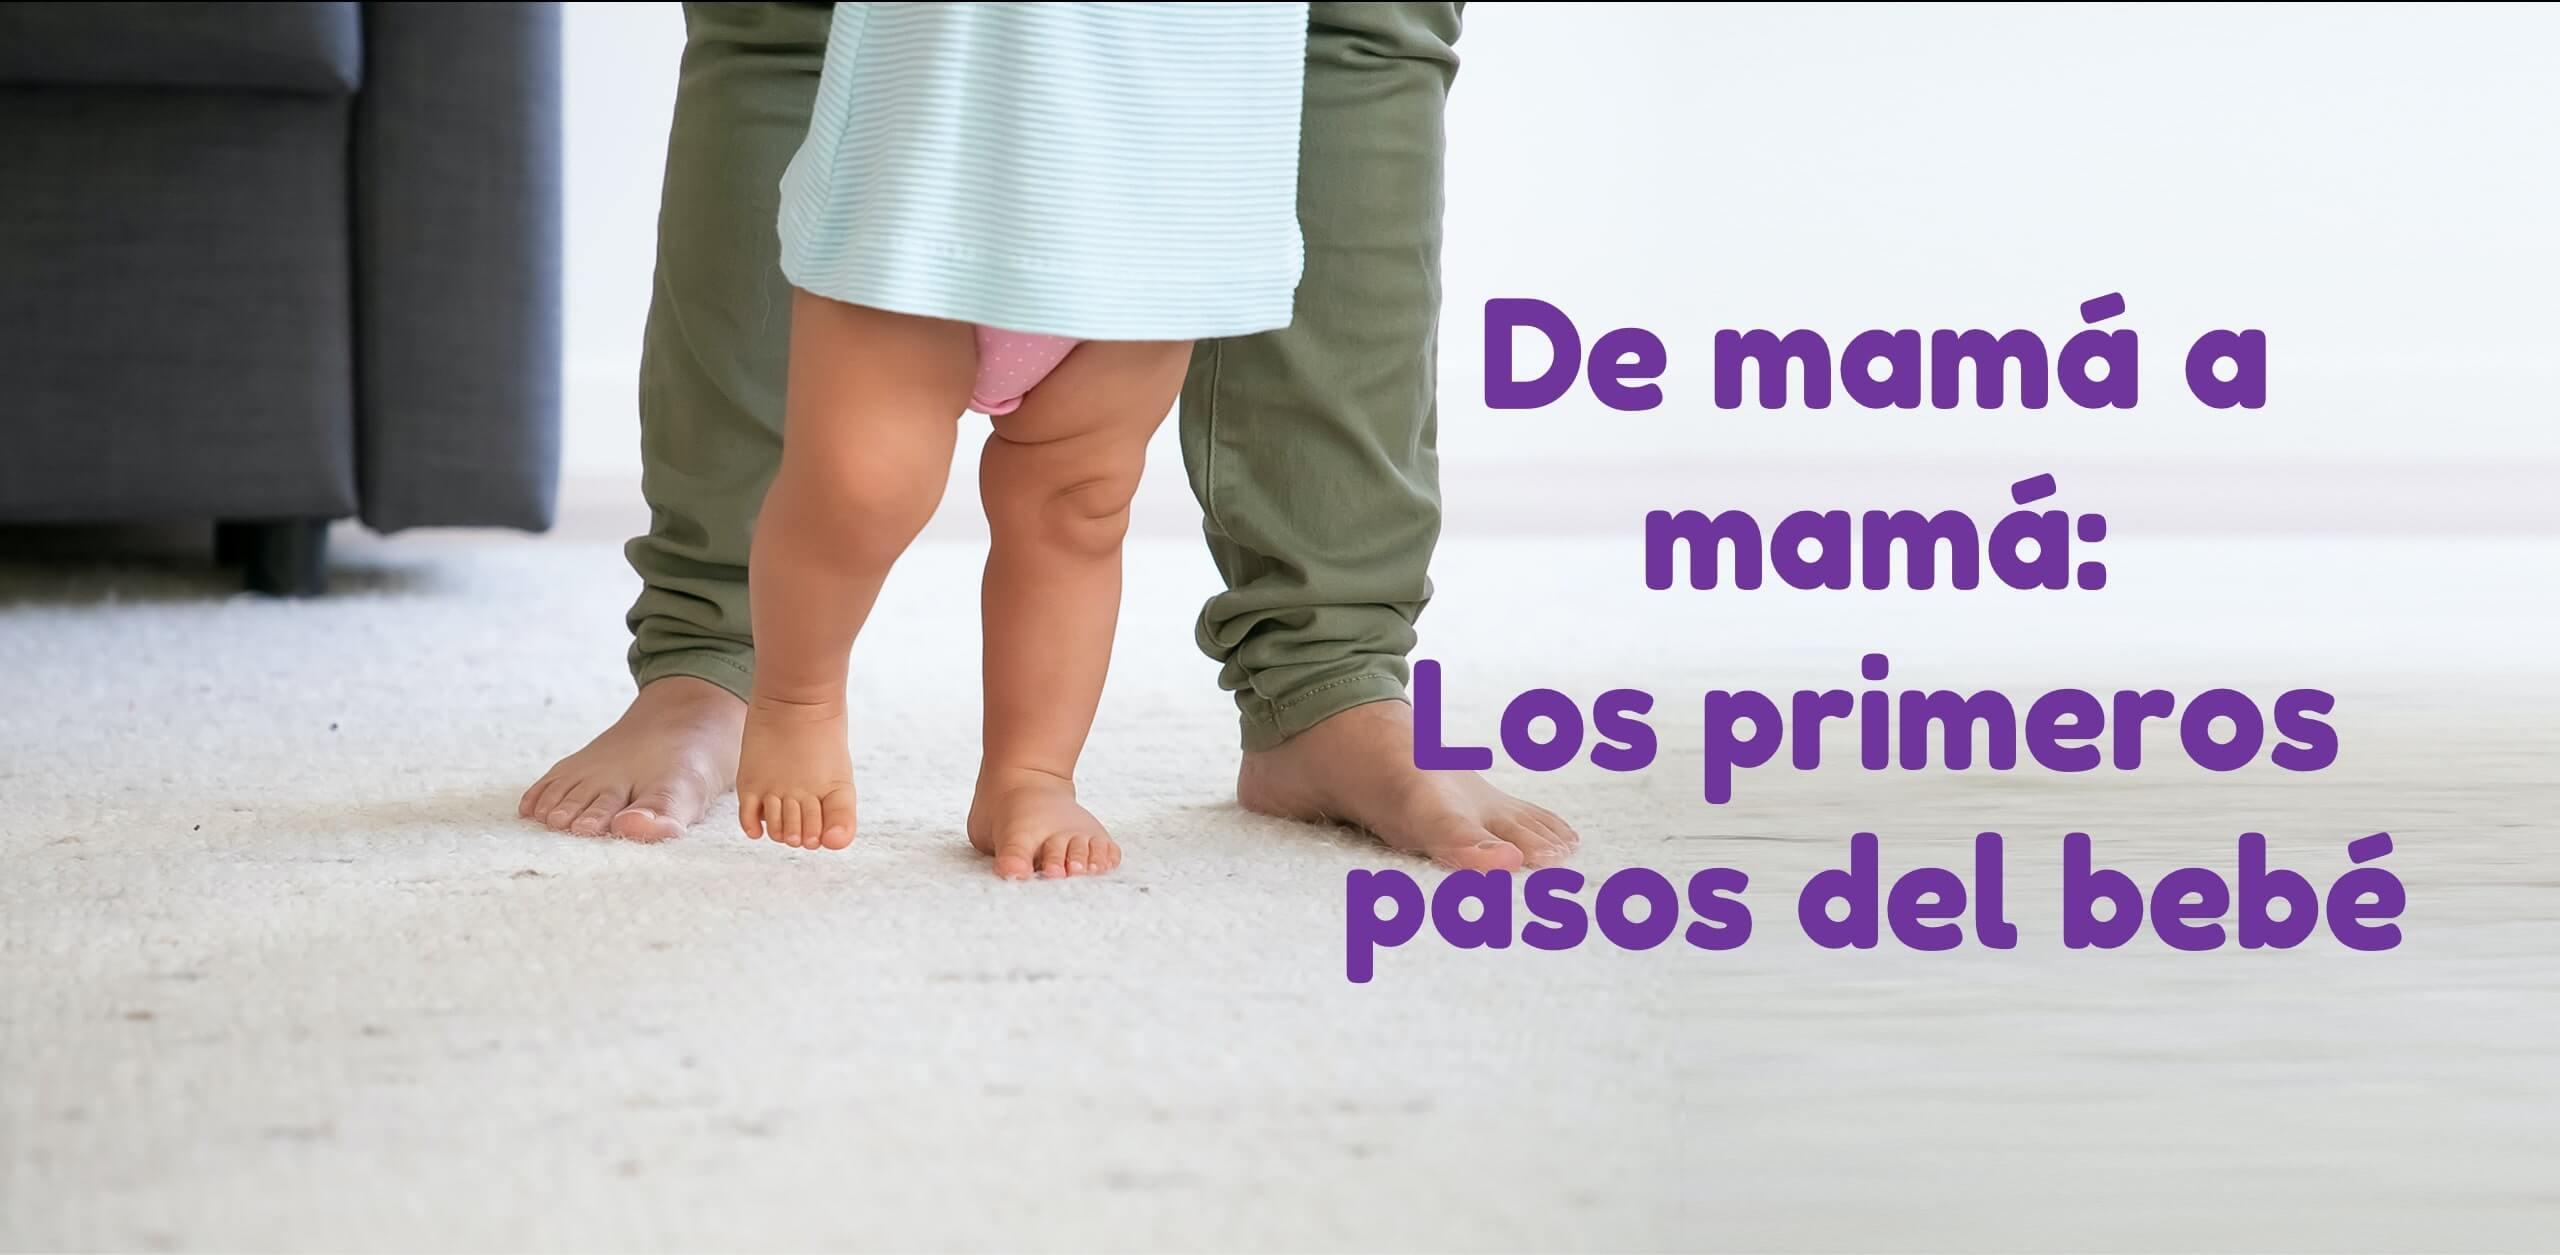 De mamá a mamá: Los primeros pasos del bebé